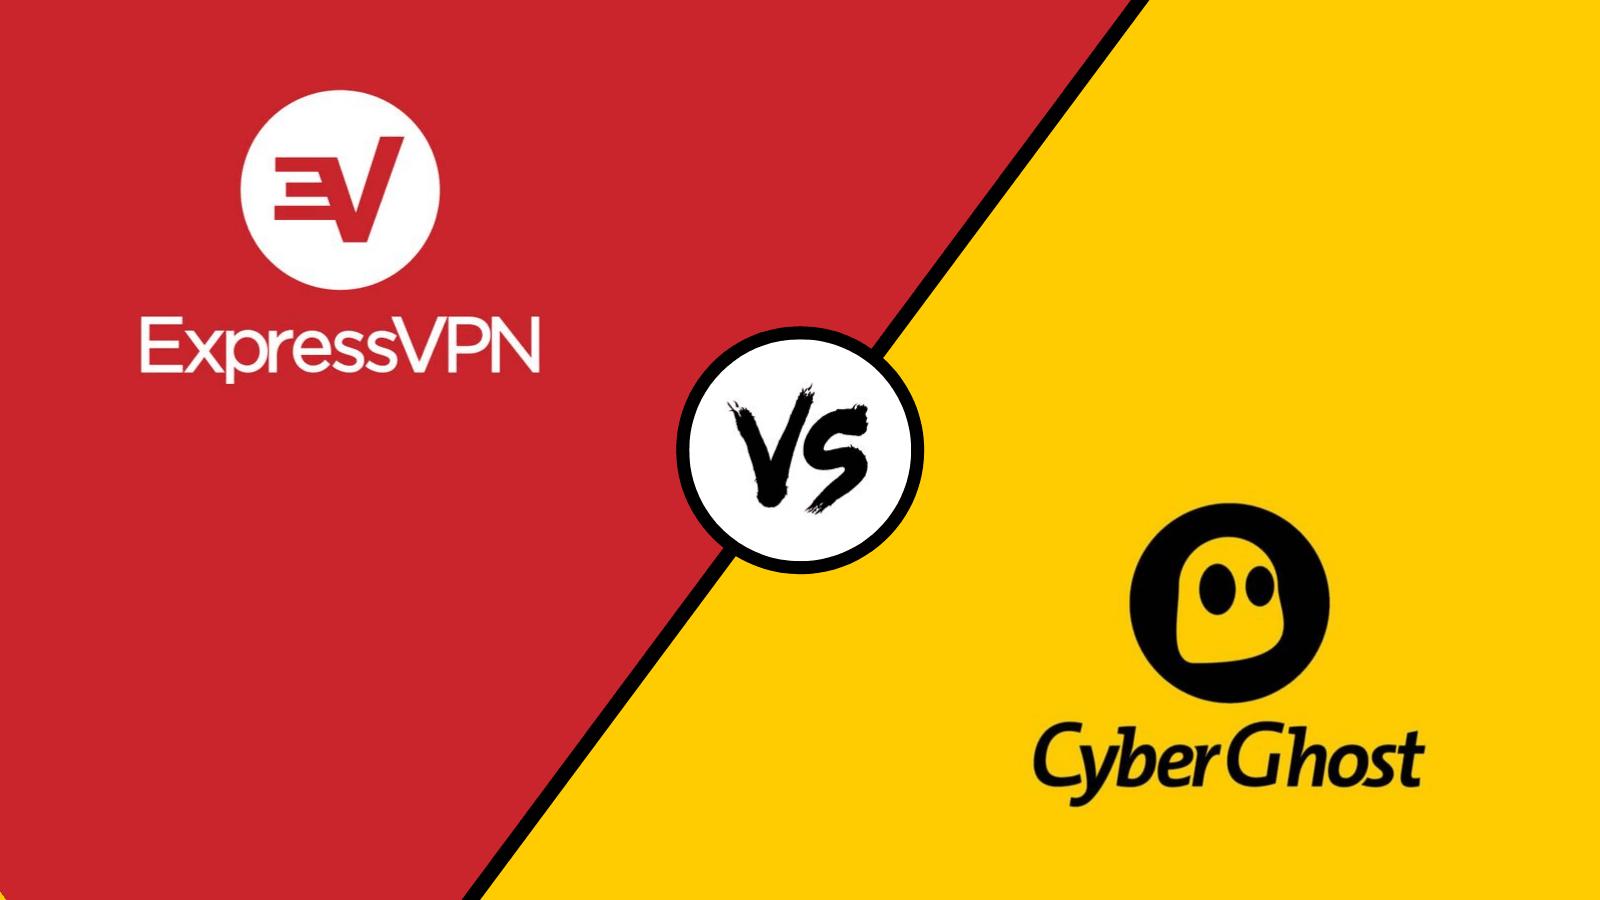 Express VPN VS CyberGhost